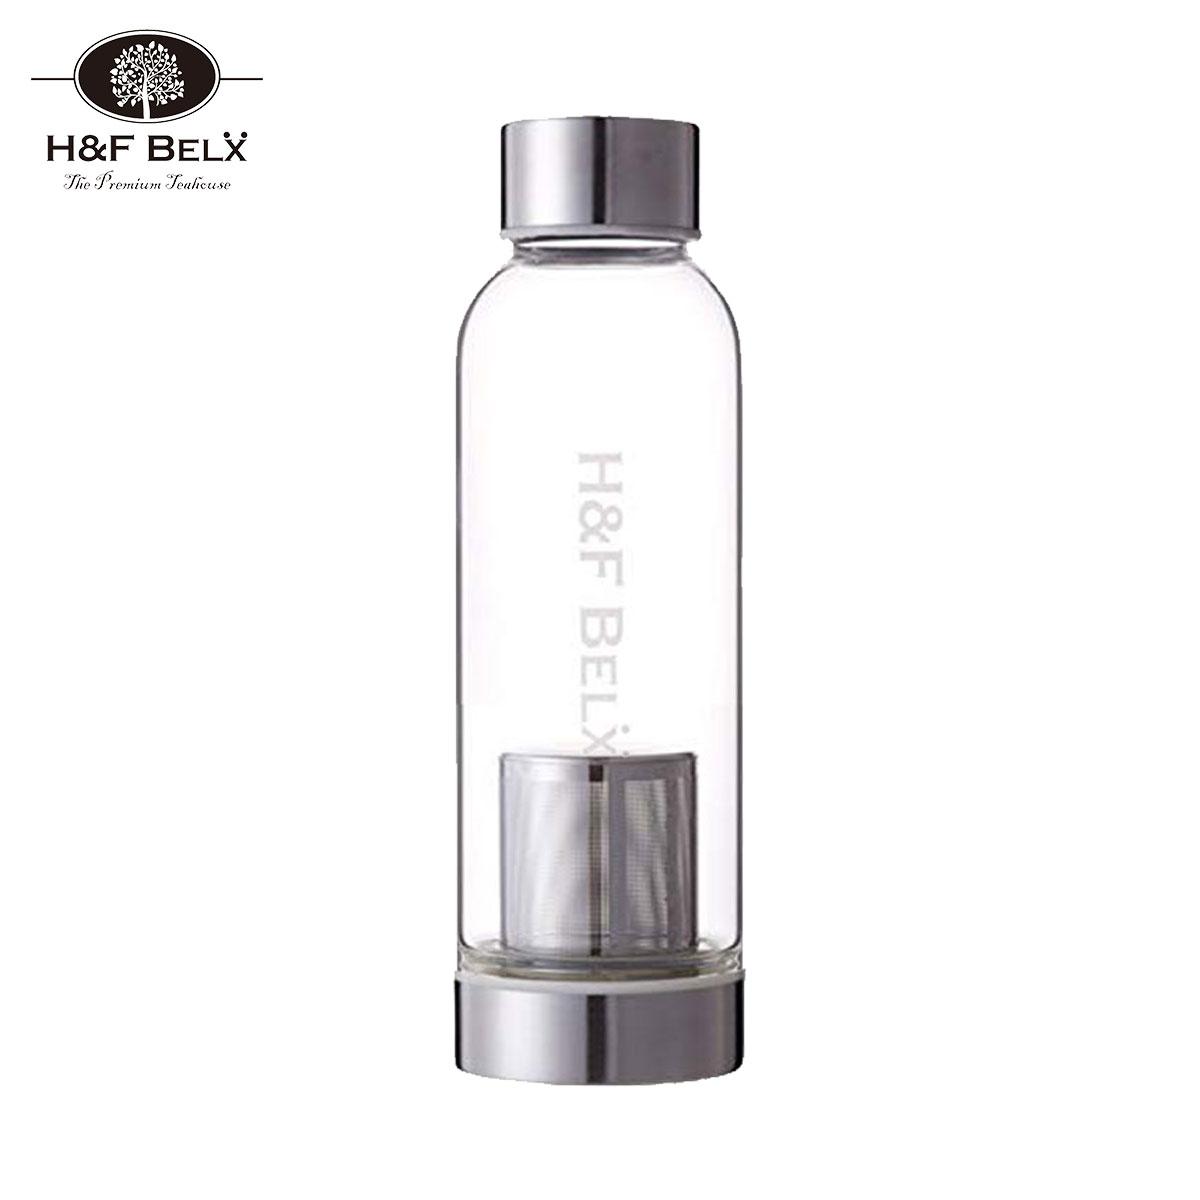 ガラスタンブラーS|ノンカフェインティーやデカフェコーヒーを持ち歩けるガラス製の茶こし付きタンブラー。